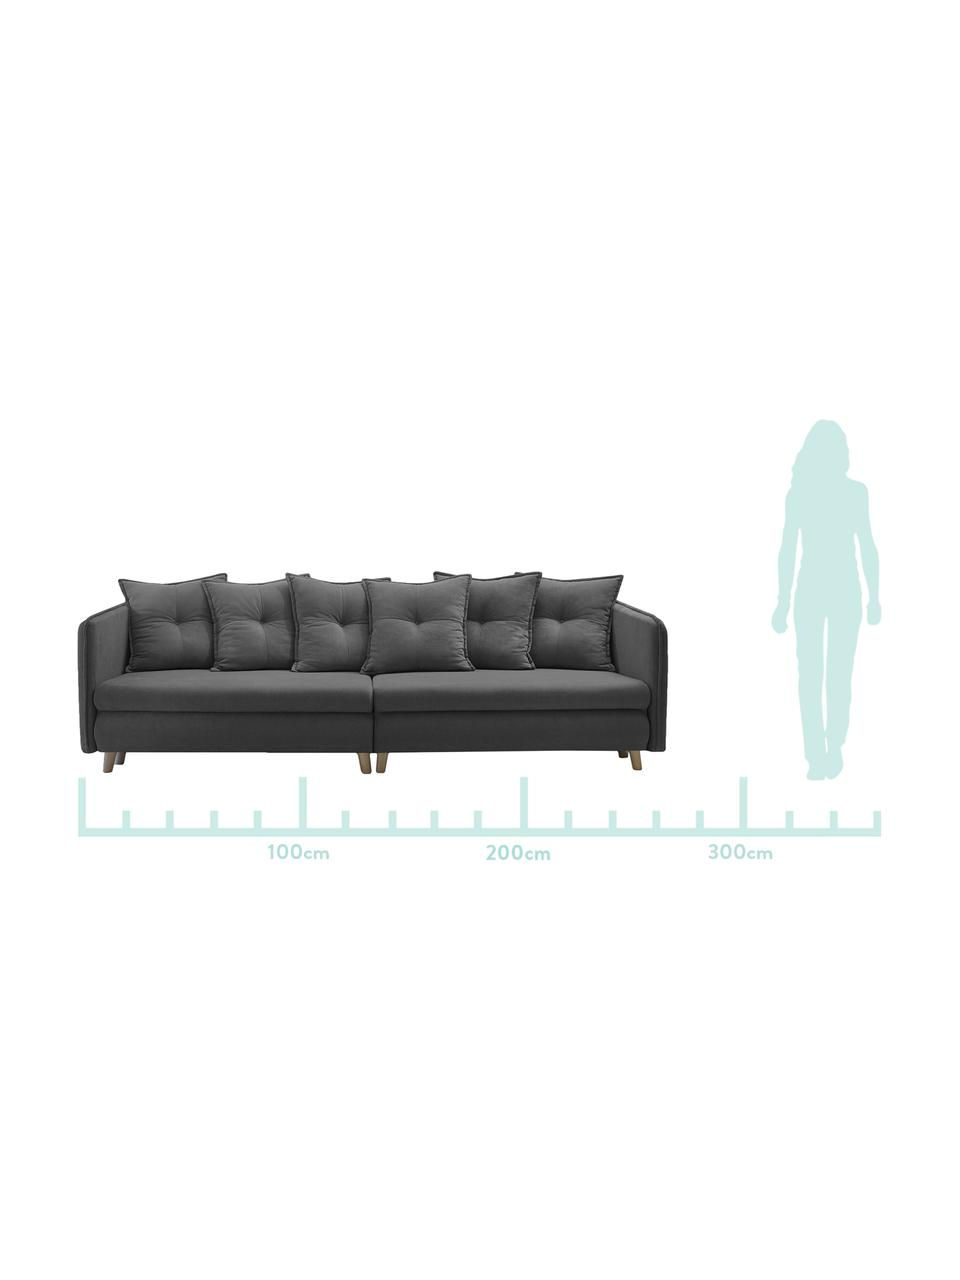 Sofa rozkładana z aksamitu Opti (4-osobowa), Tapicerka: 100% aksamit poliestrowy, Nogi: metal lakierowany, Ciemny szary, S 264 x G 103 cm